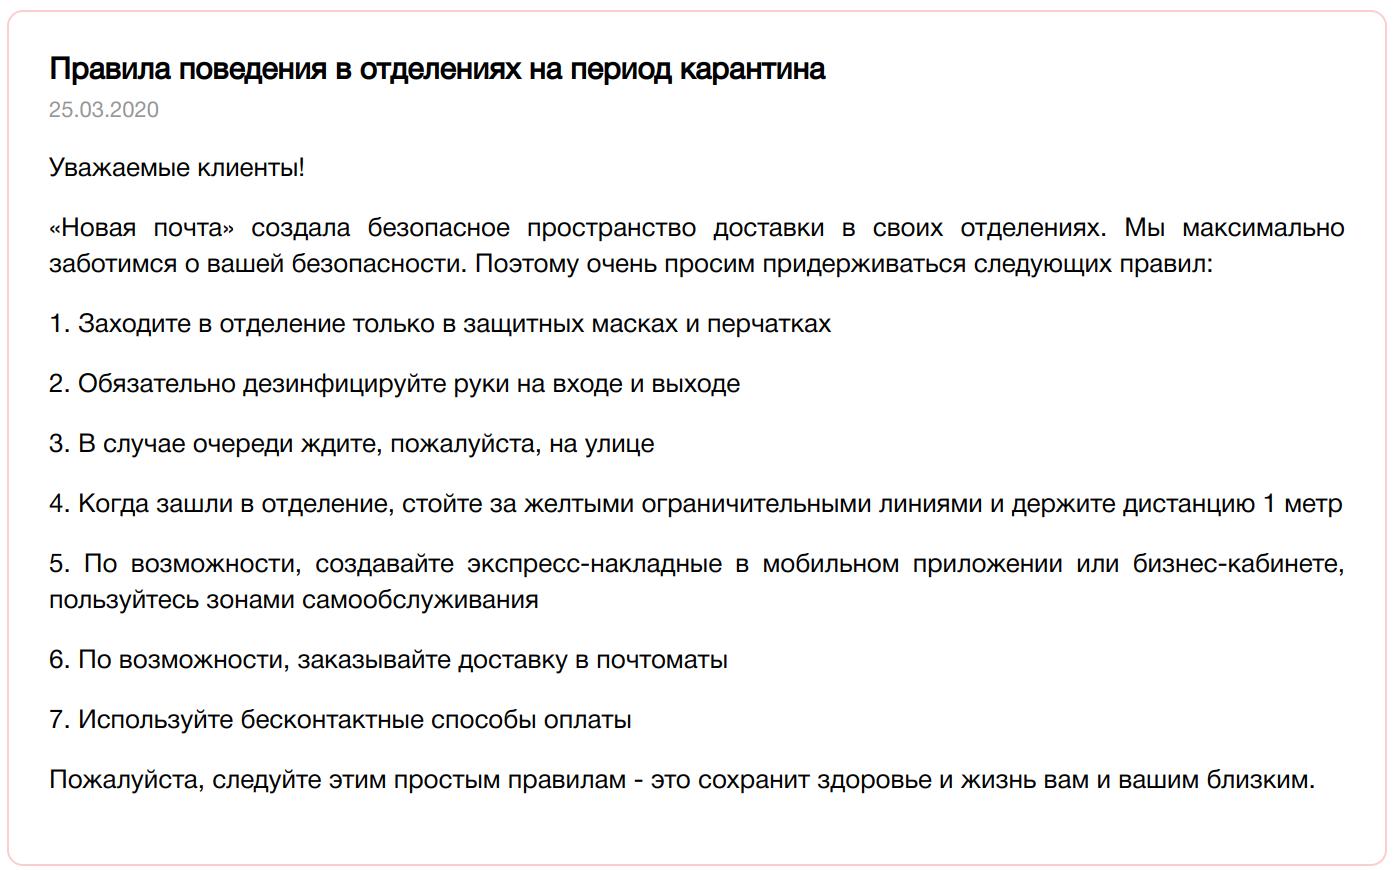 Как украинские логисты поддерживают безопасность в отделениях и при курьерской доставке во время карантина